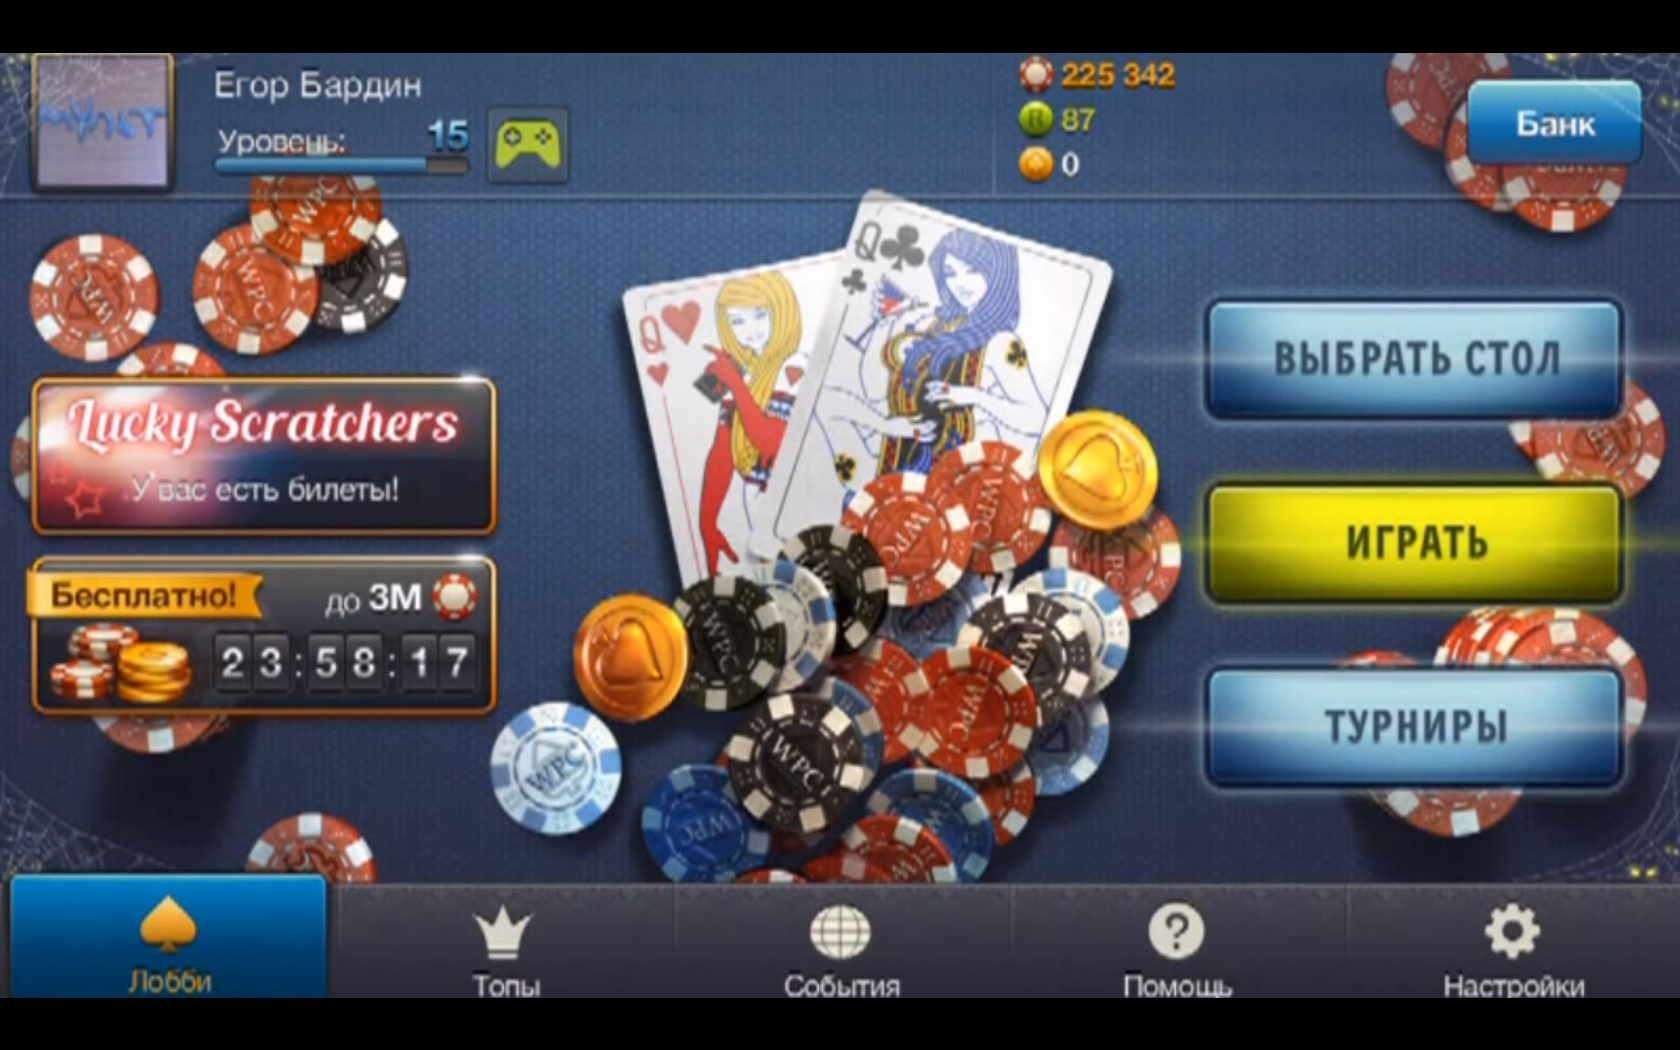 мой мире покер онлайн на